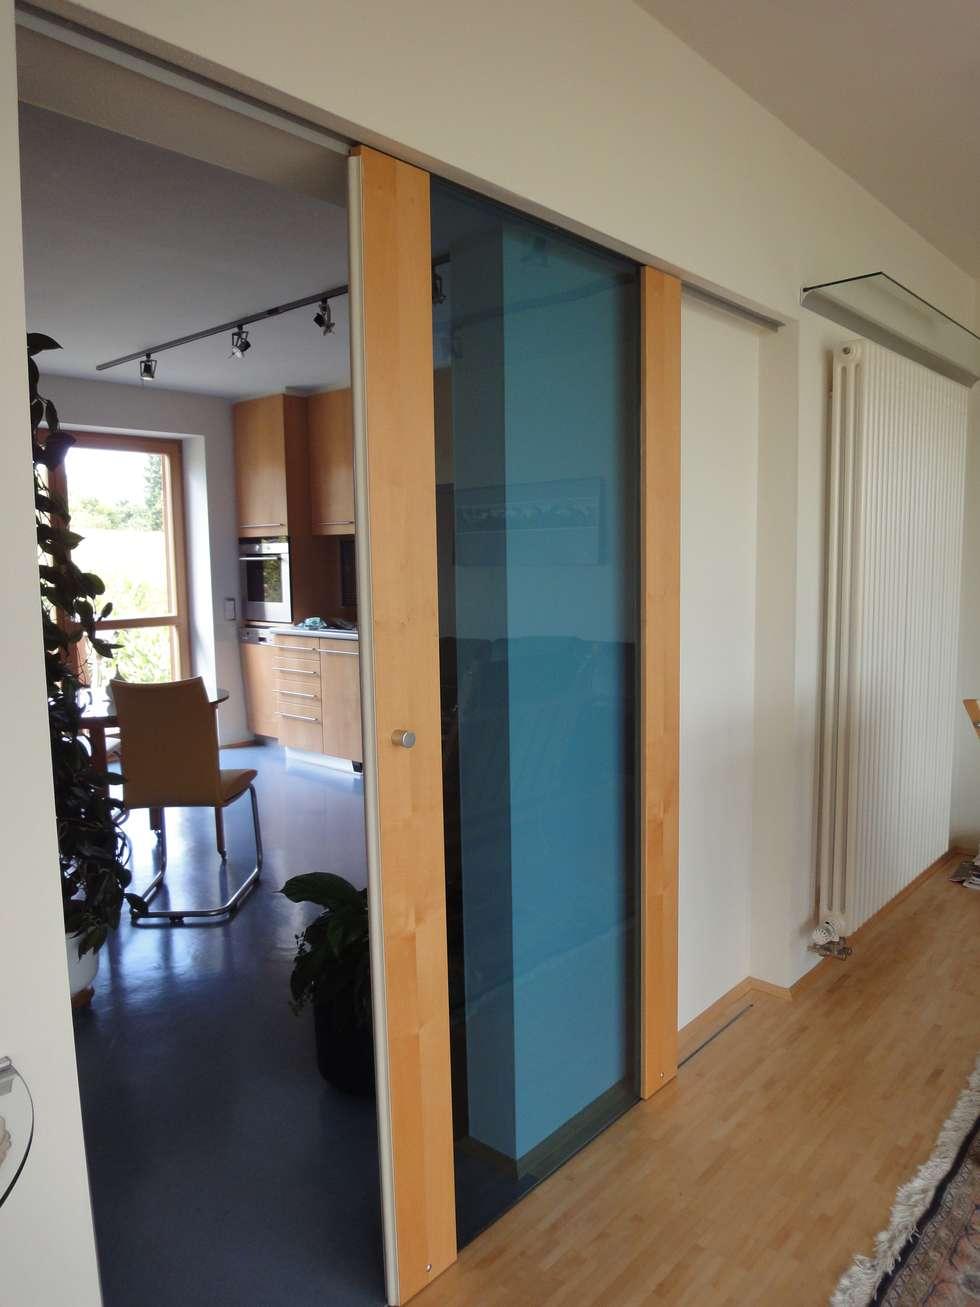 Schiebetür zwischen wohnzimmer und küche: moderne wohnzimmer von ...